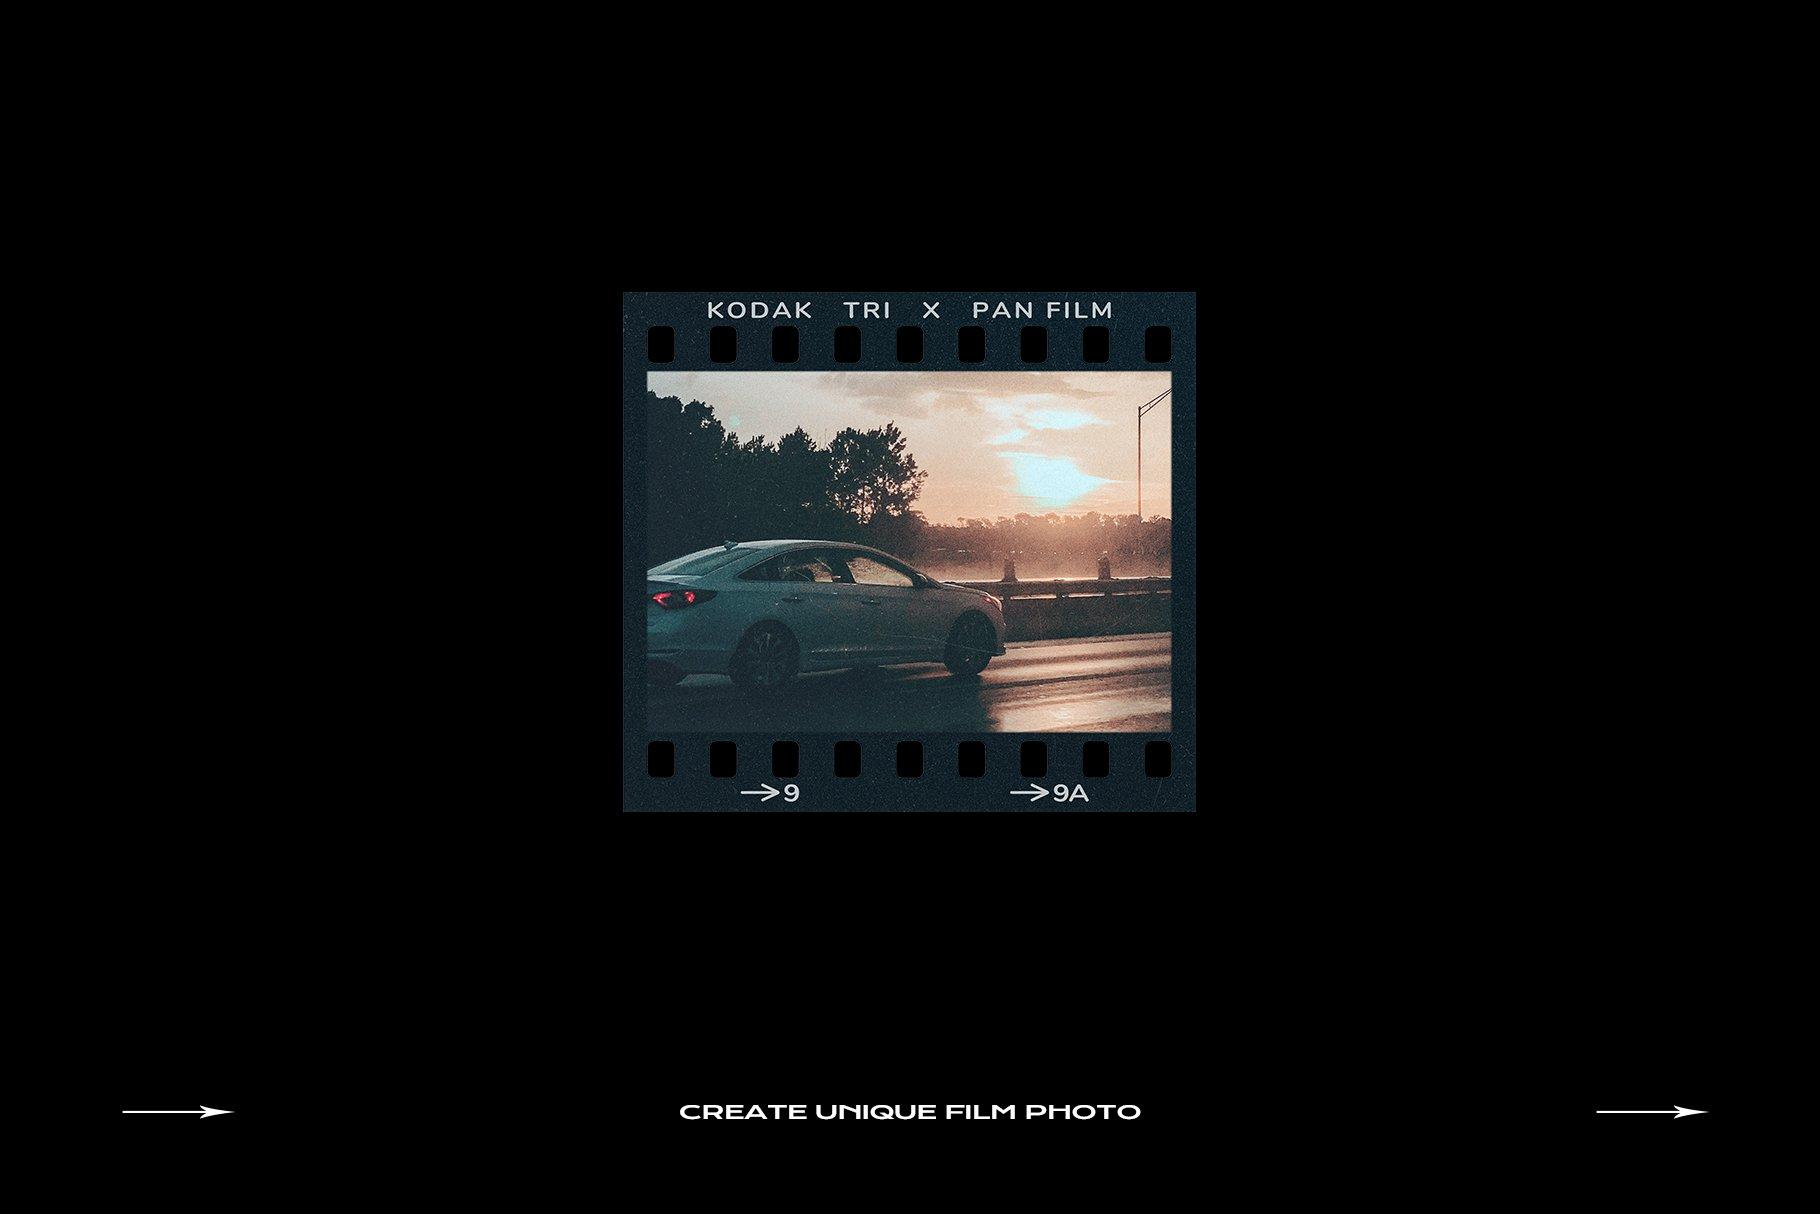 120款复古质感胶卷底片相片边框特效滤镜样机模板 Film Frame Mockup Template Bundle插图(56)